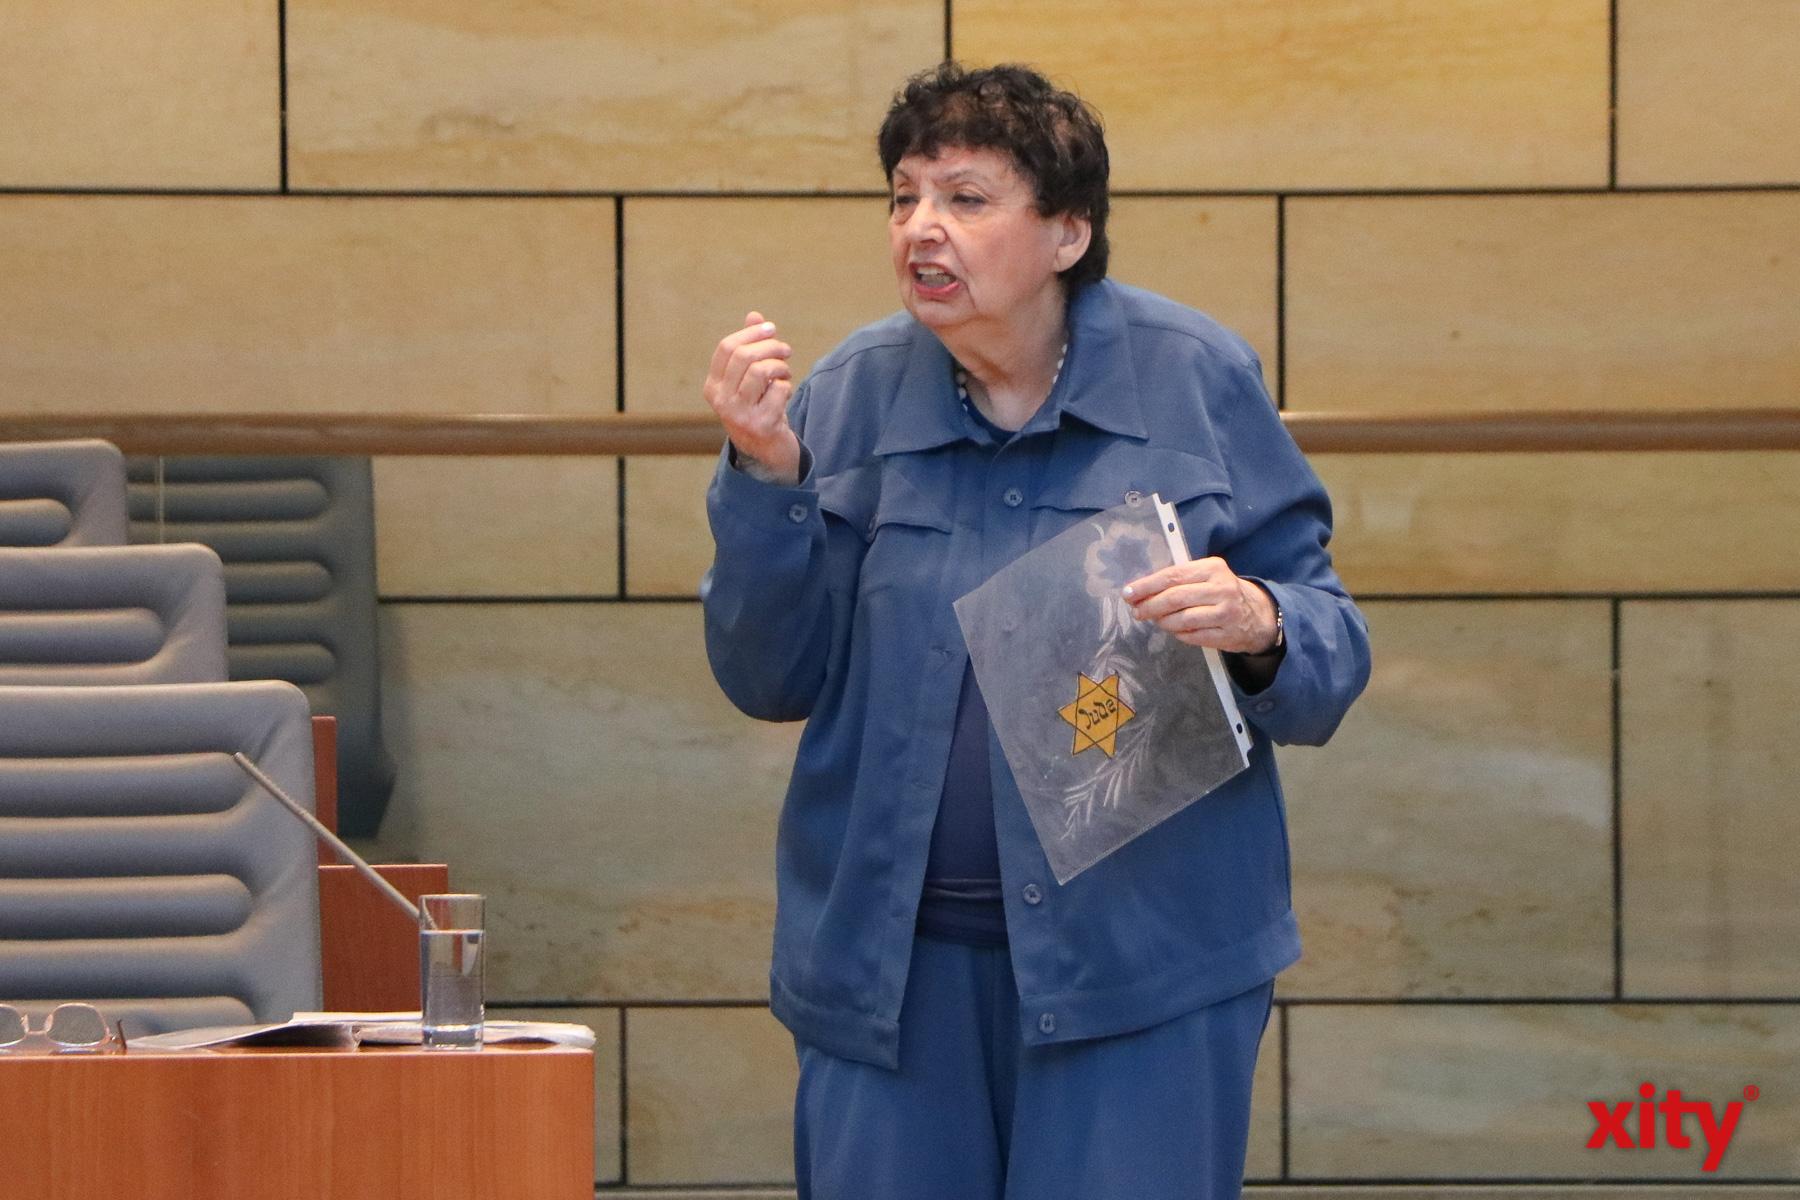 Beim Zeitzeugengespräch zeigte Auerbacher auch den Judenstern. Juden mussten diese Sterne in der NS-Zeit tragen, um sich als Juden auszuweisen (Foto: xity)